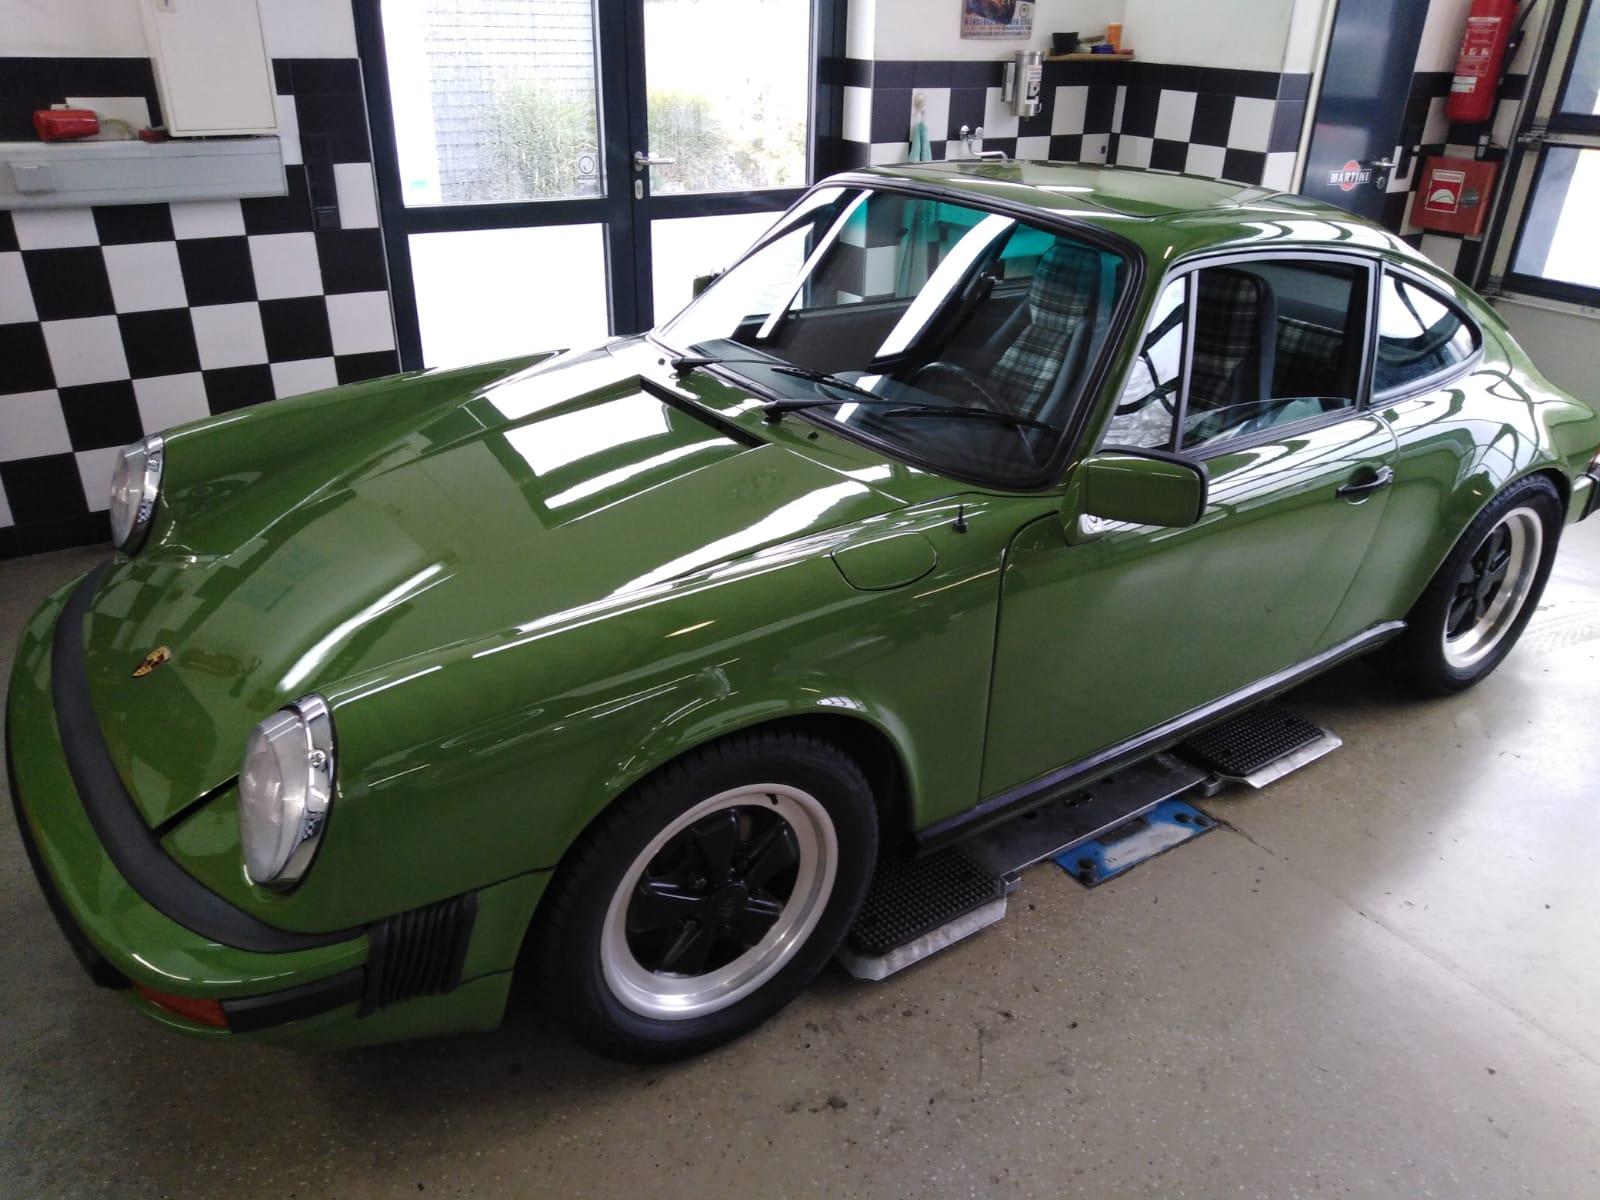 Sattlerei K.M. Lederdesign, Polsterer, Porsche grün lederverarbeitung beziehen polstern, Lederinterieur für Autos